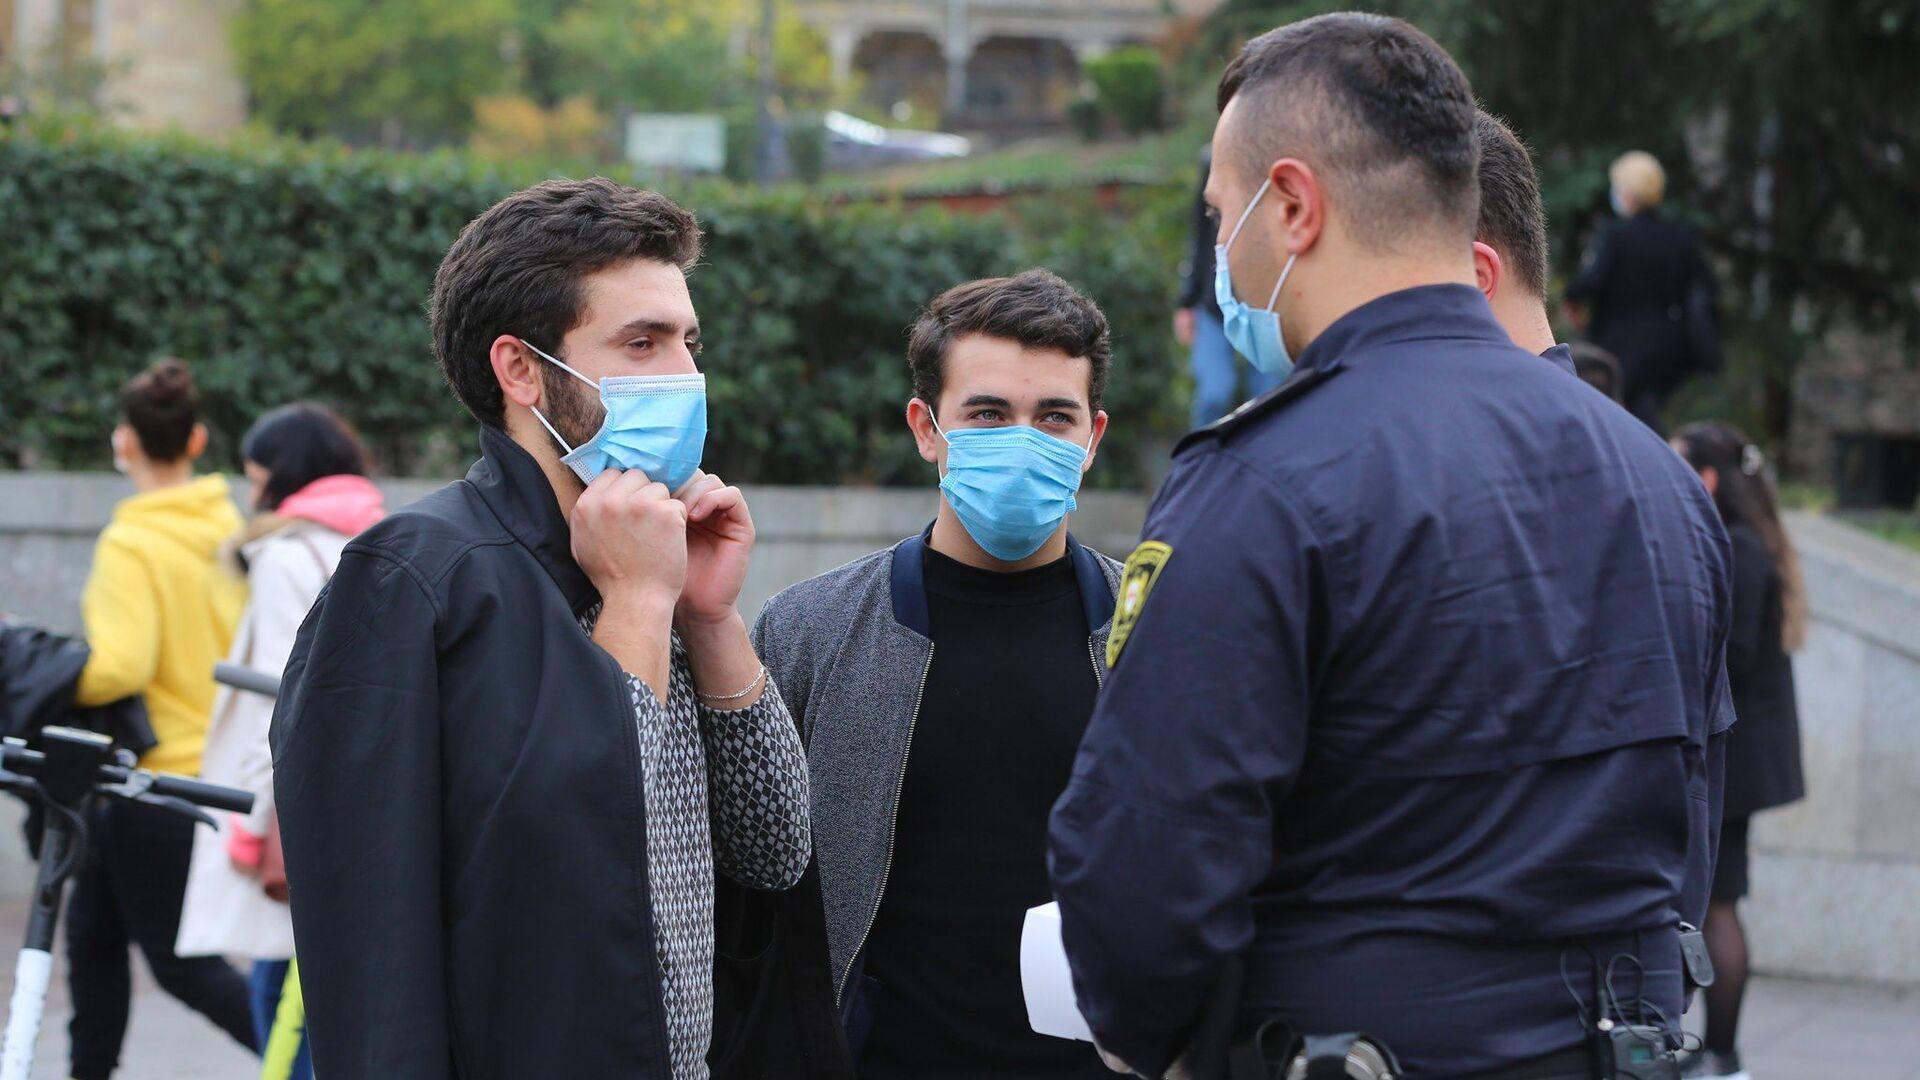 Эпидемия коронавируса. Полиция следит за ношением масок и соблюдением ограничений в Грузии - Sputnik Грузия, 1920, 07.09.2021